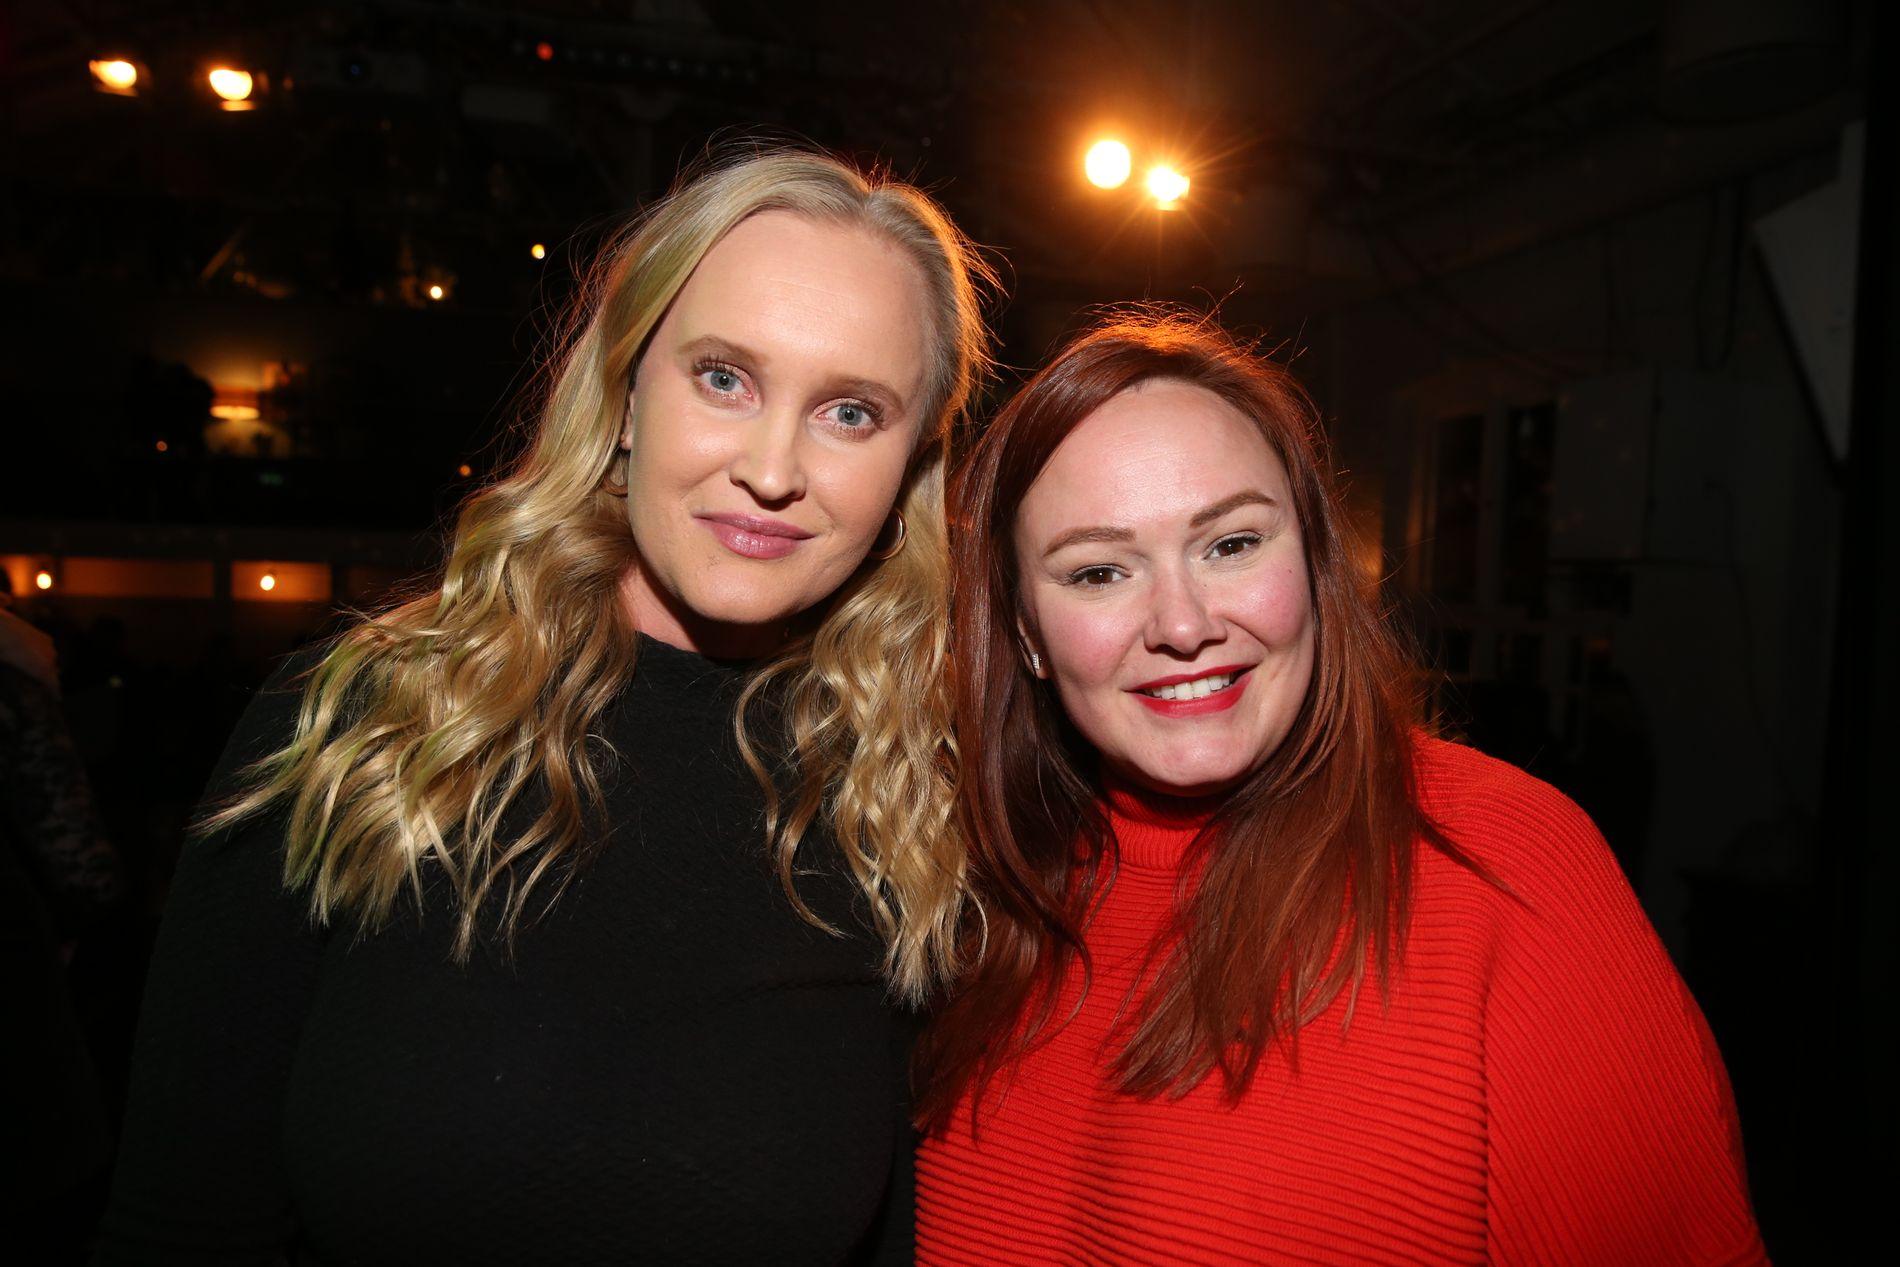 FULL STØTTE: Sofie Frøysaa og Trine Lise Olsen reagerer, i likhet med Sigrid Bonde Tusvik, på fraværet av kvinnelige representanter under fredagens «Humorprisen».